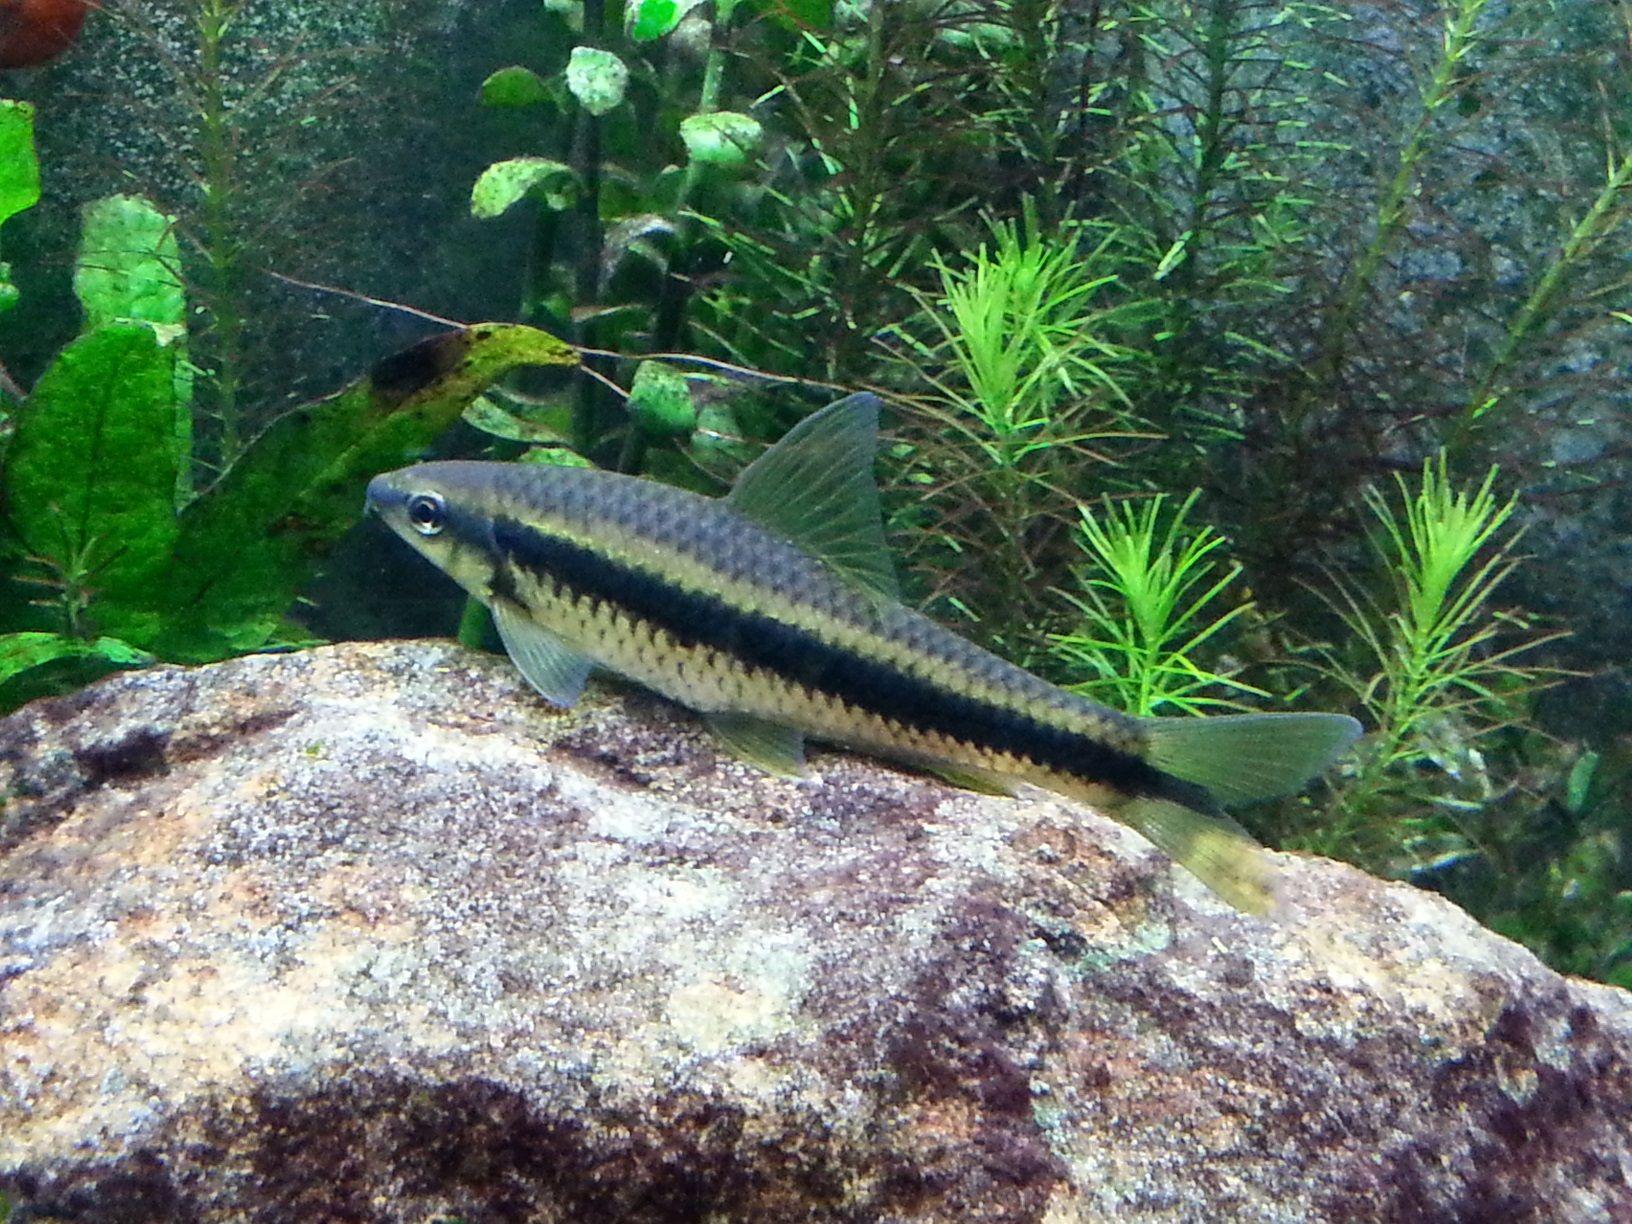 13 Best Algae Eaters For Your Aquarium Keep The Aquarium Clean Tag Best Algae Eaters Aquarium Best Algae Eaters For Aquariums Aquarium Aquascape Fish Pet